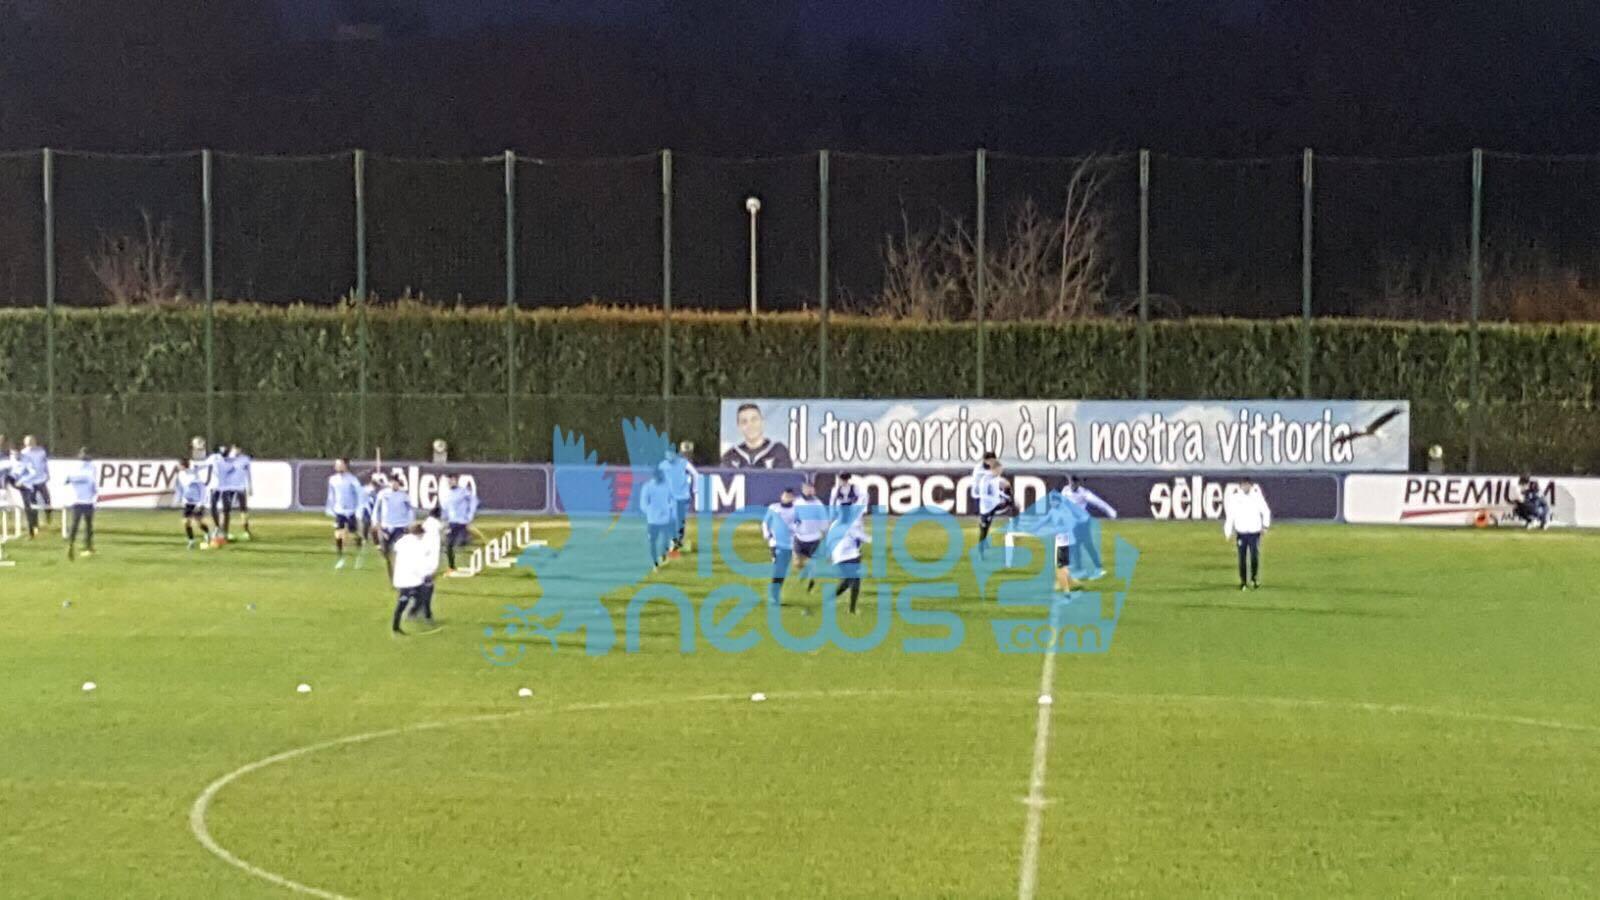 FORMELLO Oggi andrà in scena la ripresa degli allenamenti - Lazio News 24